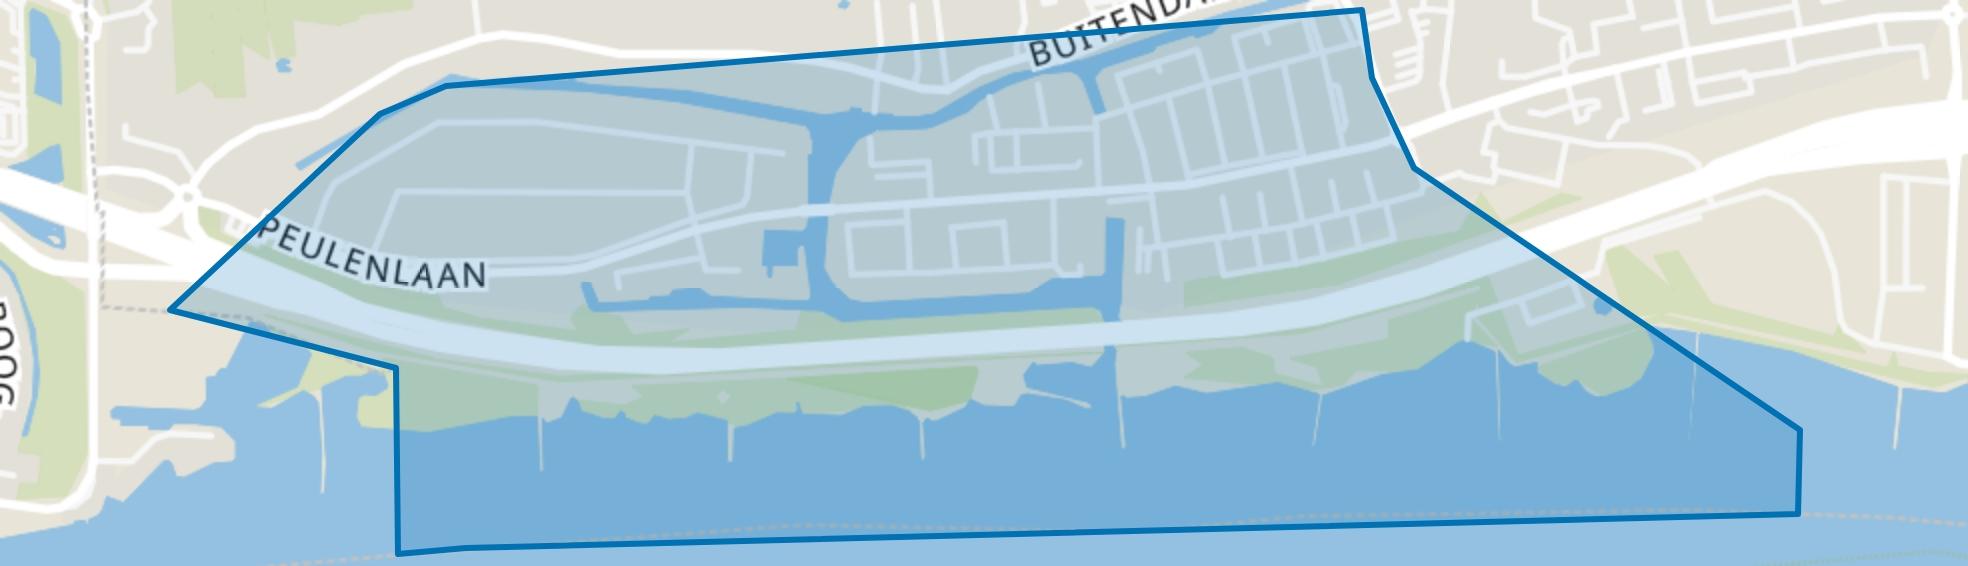 De Peulen, Hardinxveld-Giessendam map